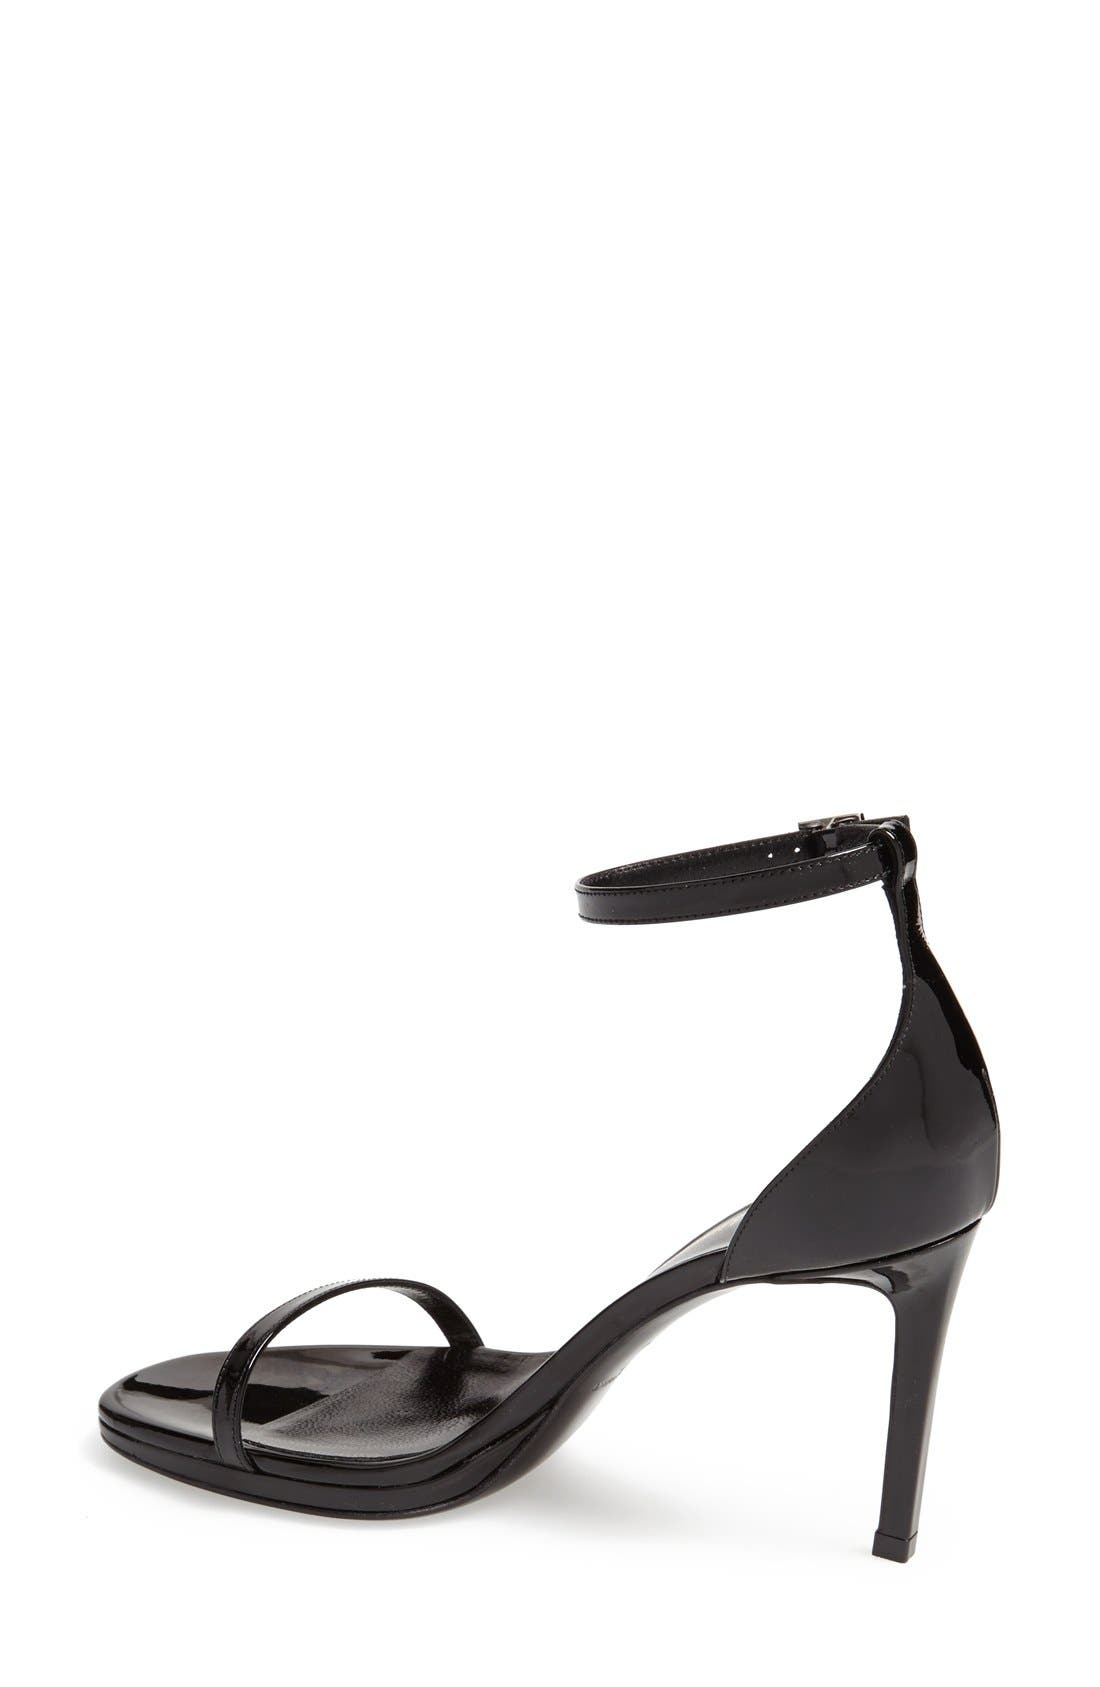 SAINT LAURENT, 'Jane' Ankle Strap Sandal, Alternate thumbnail 2, color, 001